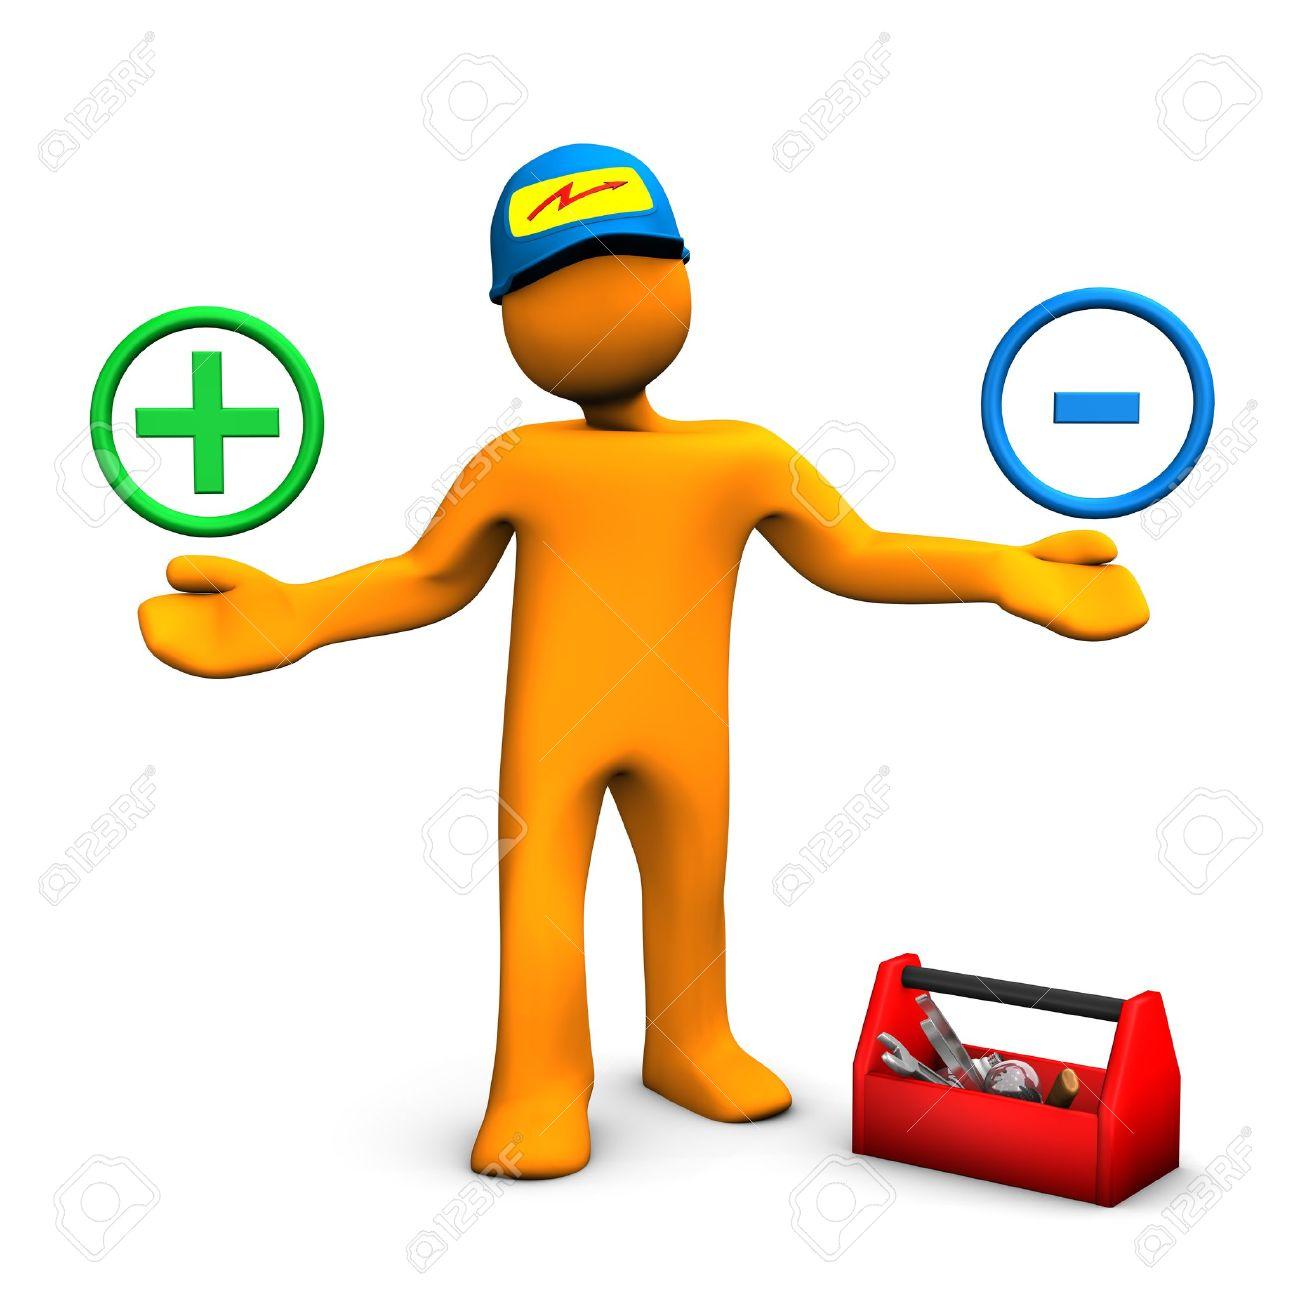 https://i1.wp.com/previews.123rf.com/images/limbi007/limbi0071301/limbi007130100081/17460206-Personaggio-dei-cartoni-animati-arancione-come-telefoni-elettricista-con-i-simboli-pi-e-meno-Sfondo--Archivio-Fotografico.jpg